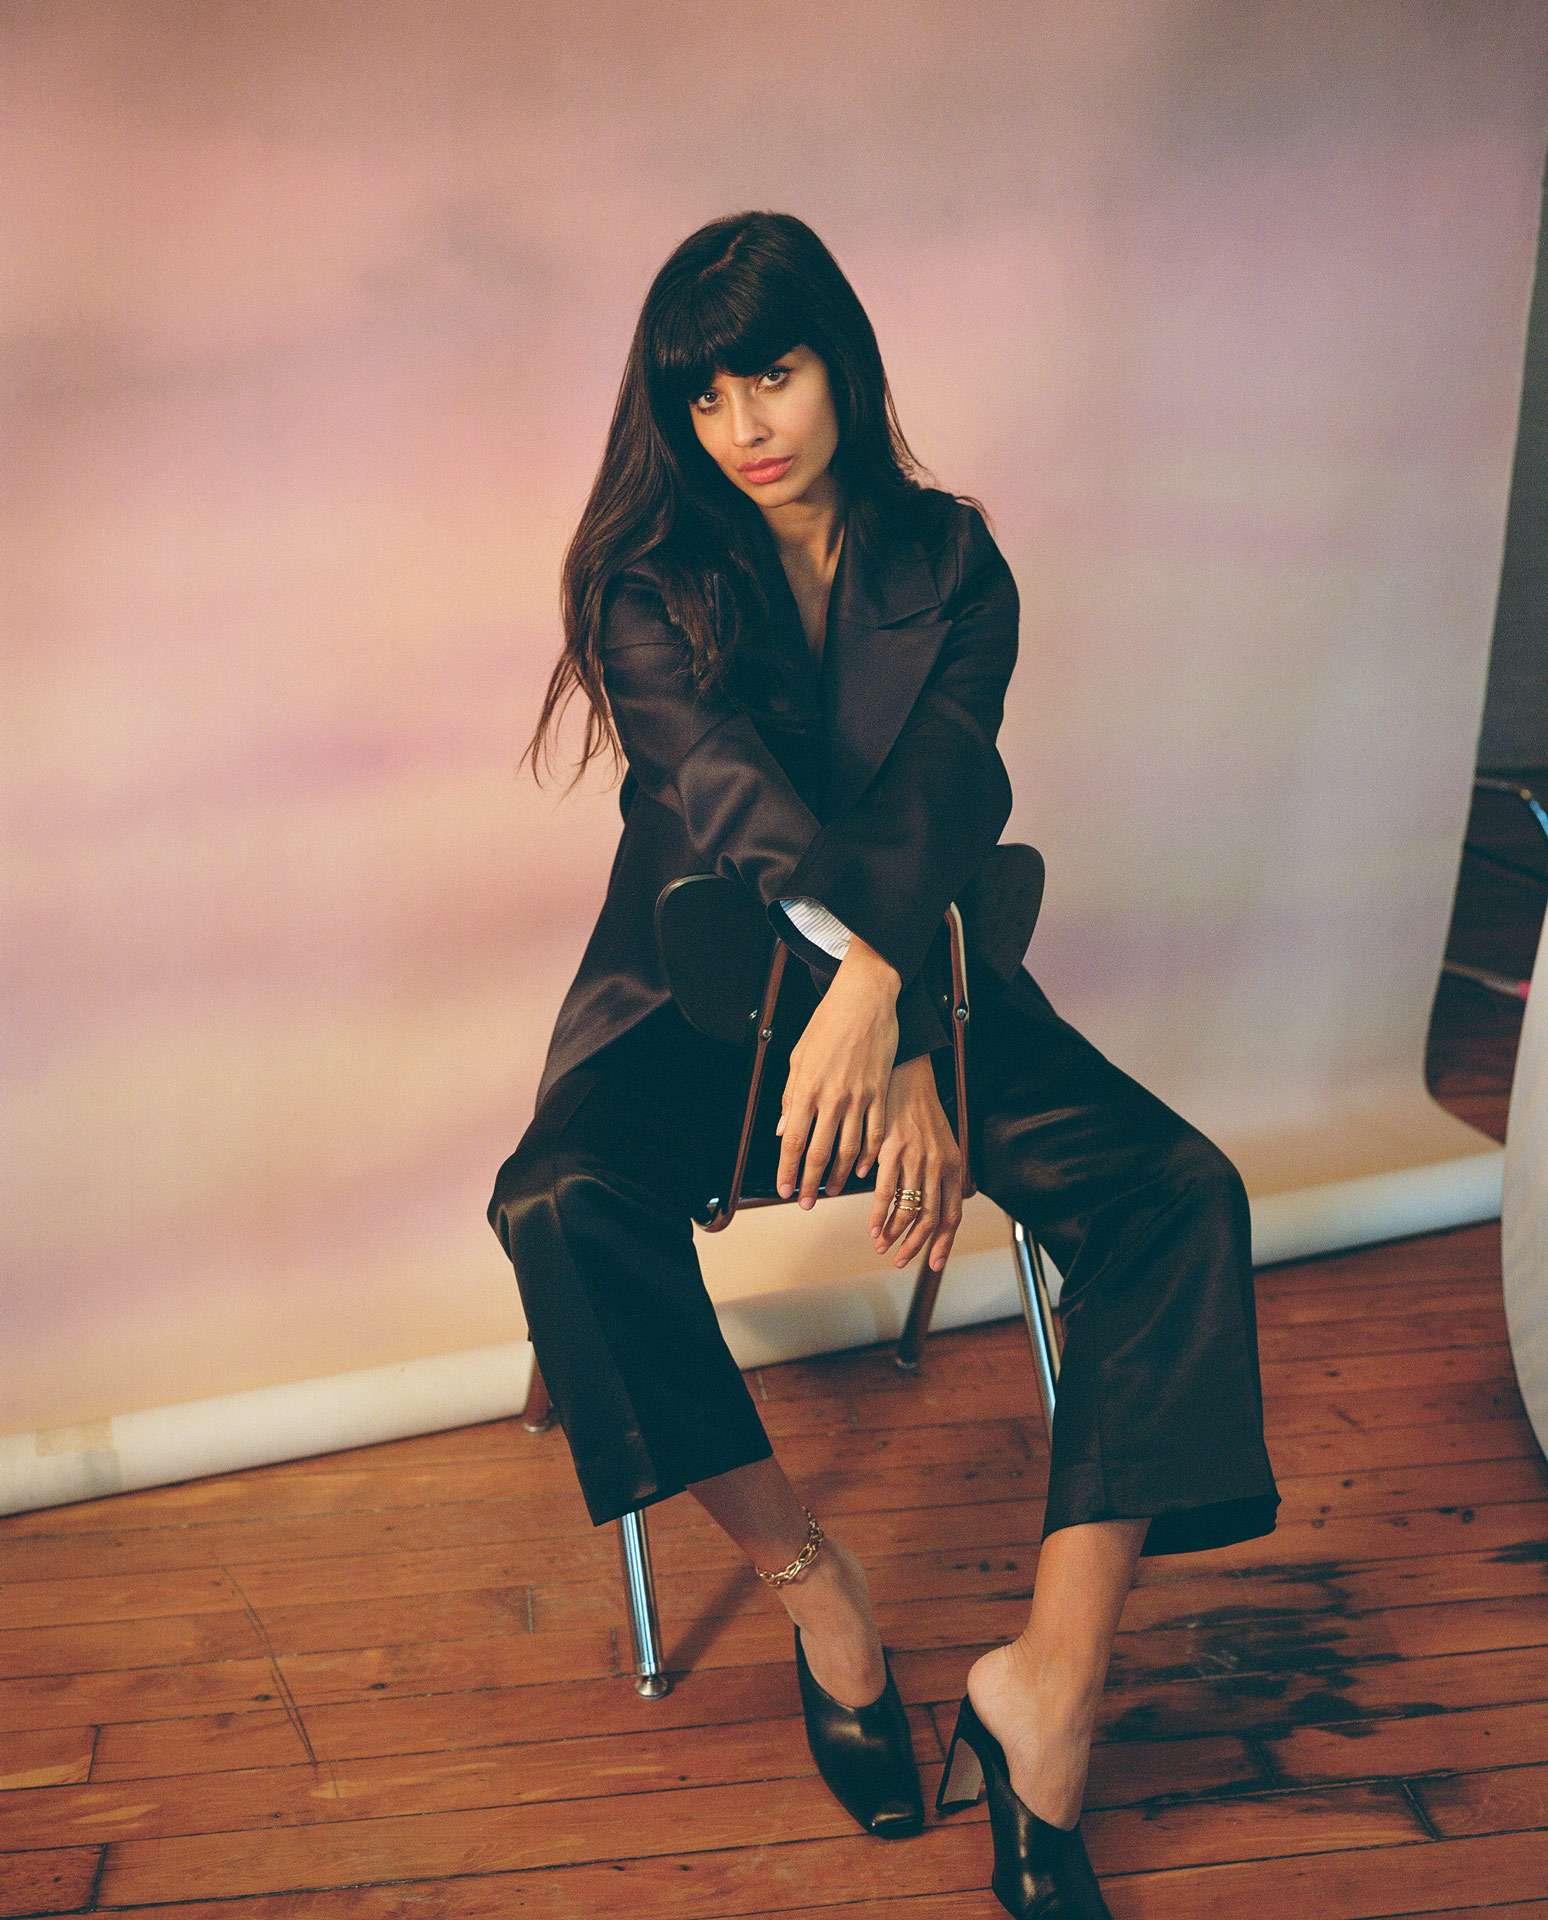 photographie de l'actrice Jameela Jamil assise à l'envers sur une chaise regardant la caméra par Oumayma B. Tanfous pour Vogue Espagne